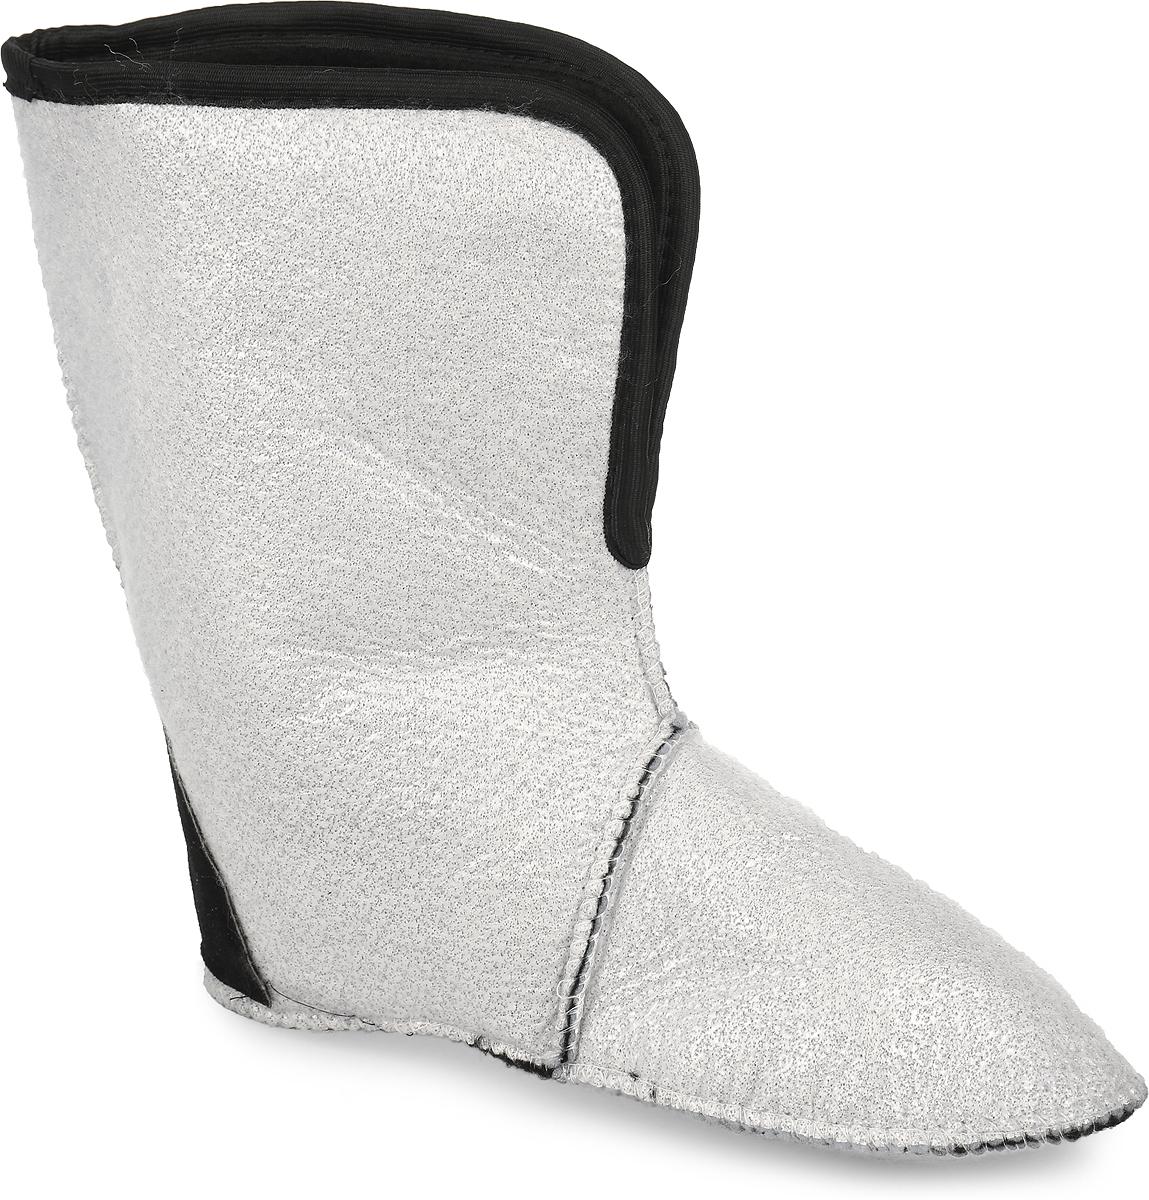 Утеплитель Дарина Зима, 5 слоев, цвет: белый, черный. Размер 45-47Зима/45-47Утеплитель Дарина Зима предназначен для защиты ног от холода и влаги. Особенности:Мягкий мех, 100% ПЭНетканое полотно Трикотажное полотно с гидрофобным волокном Металлизированная фольга для отражения холодаМембранная сетка для защиты фольгиПятка Оксфорд плотность 600 Температурный режим -30°C Съёмный Кол-во слоев - 5.